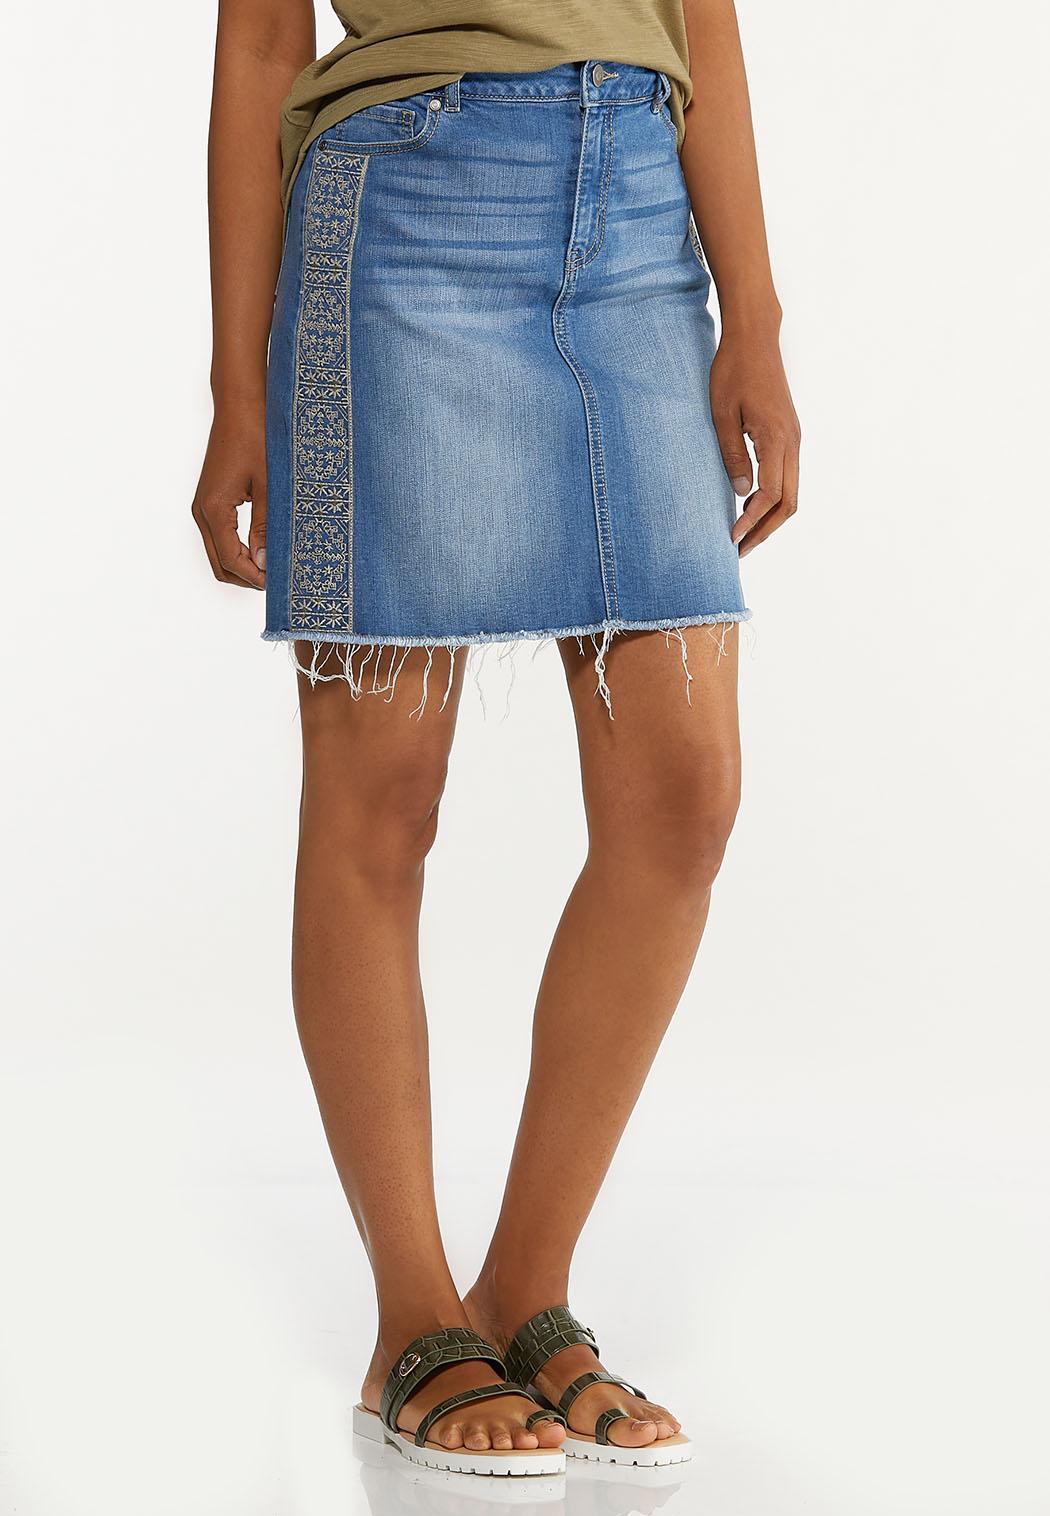 Embroidered Denim Skirt